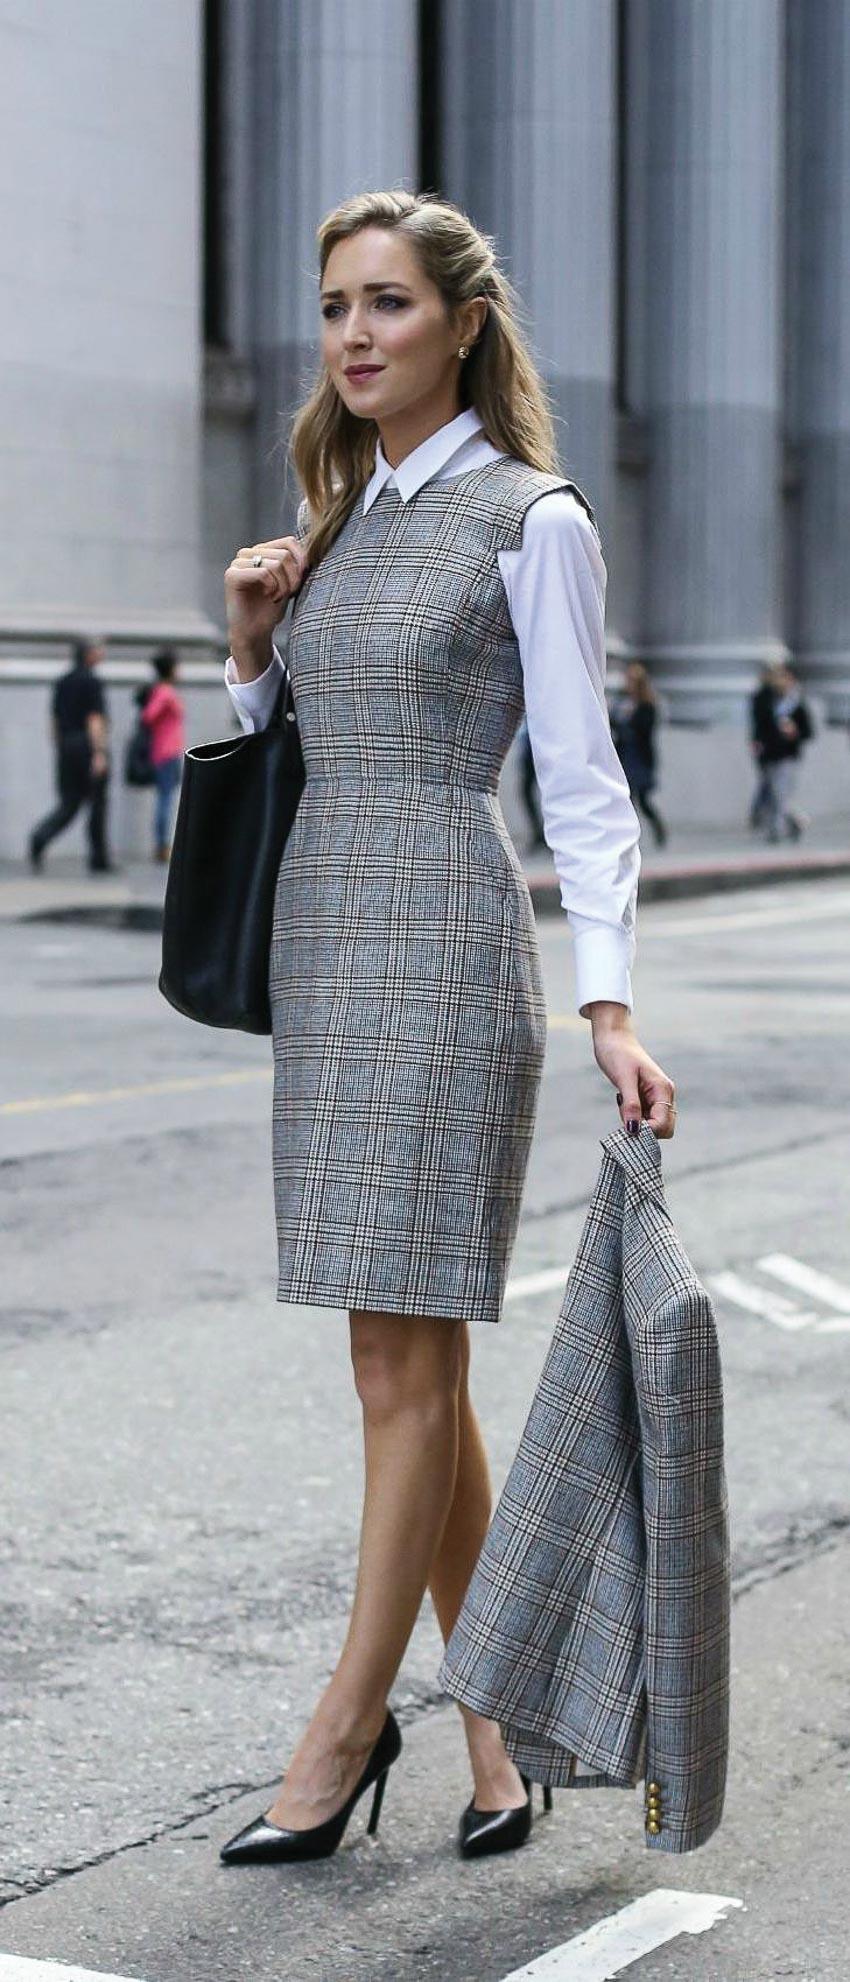 5 bí quyết diện thời trang công sở chuẩn đẹp 15